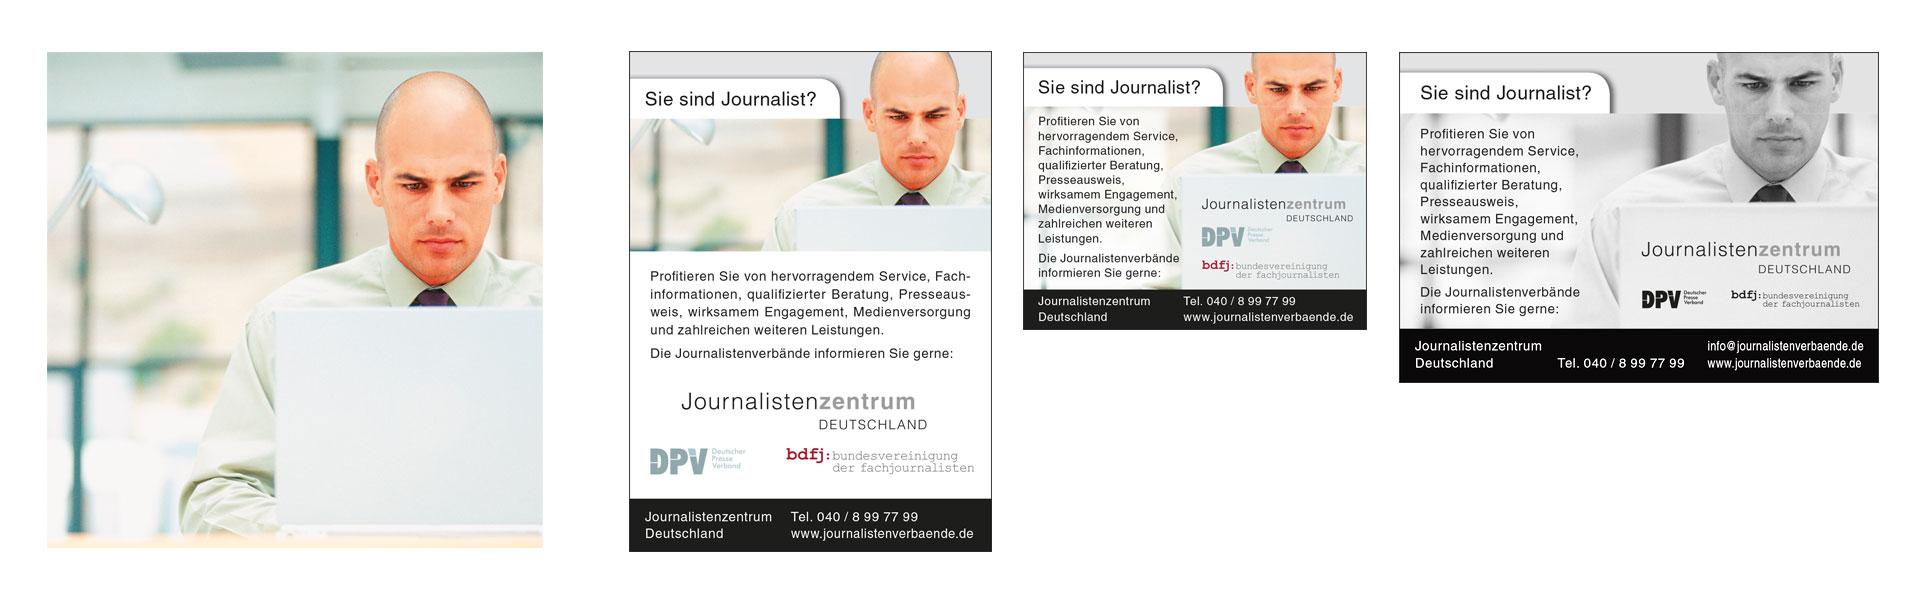 Key Visual Beispiele Anzeigenmotiv Journalistenzentrum